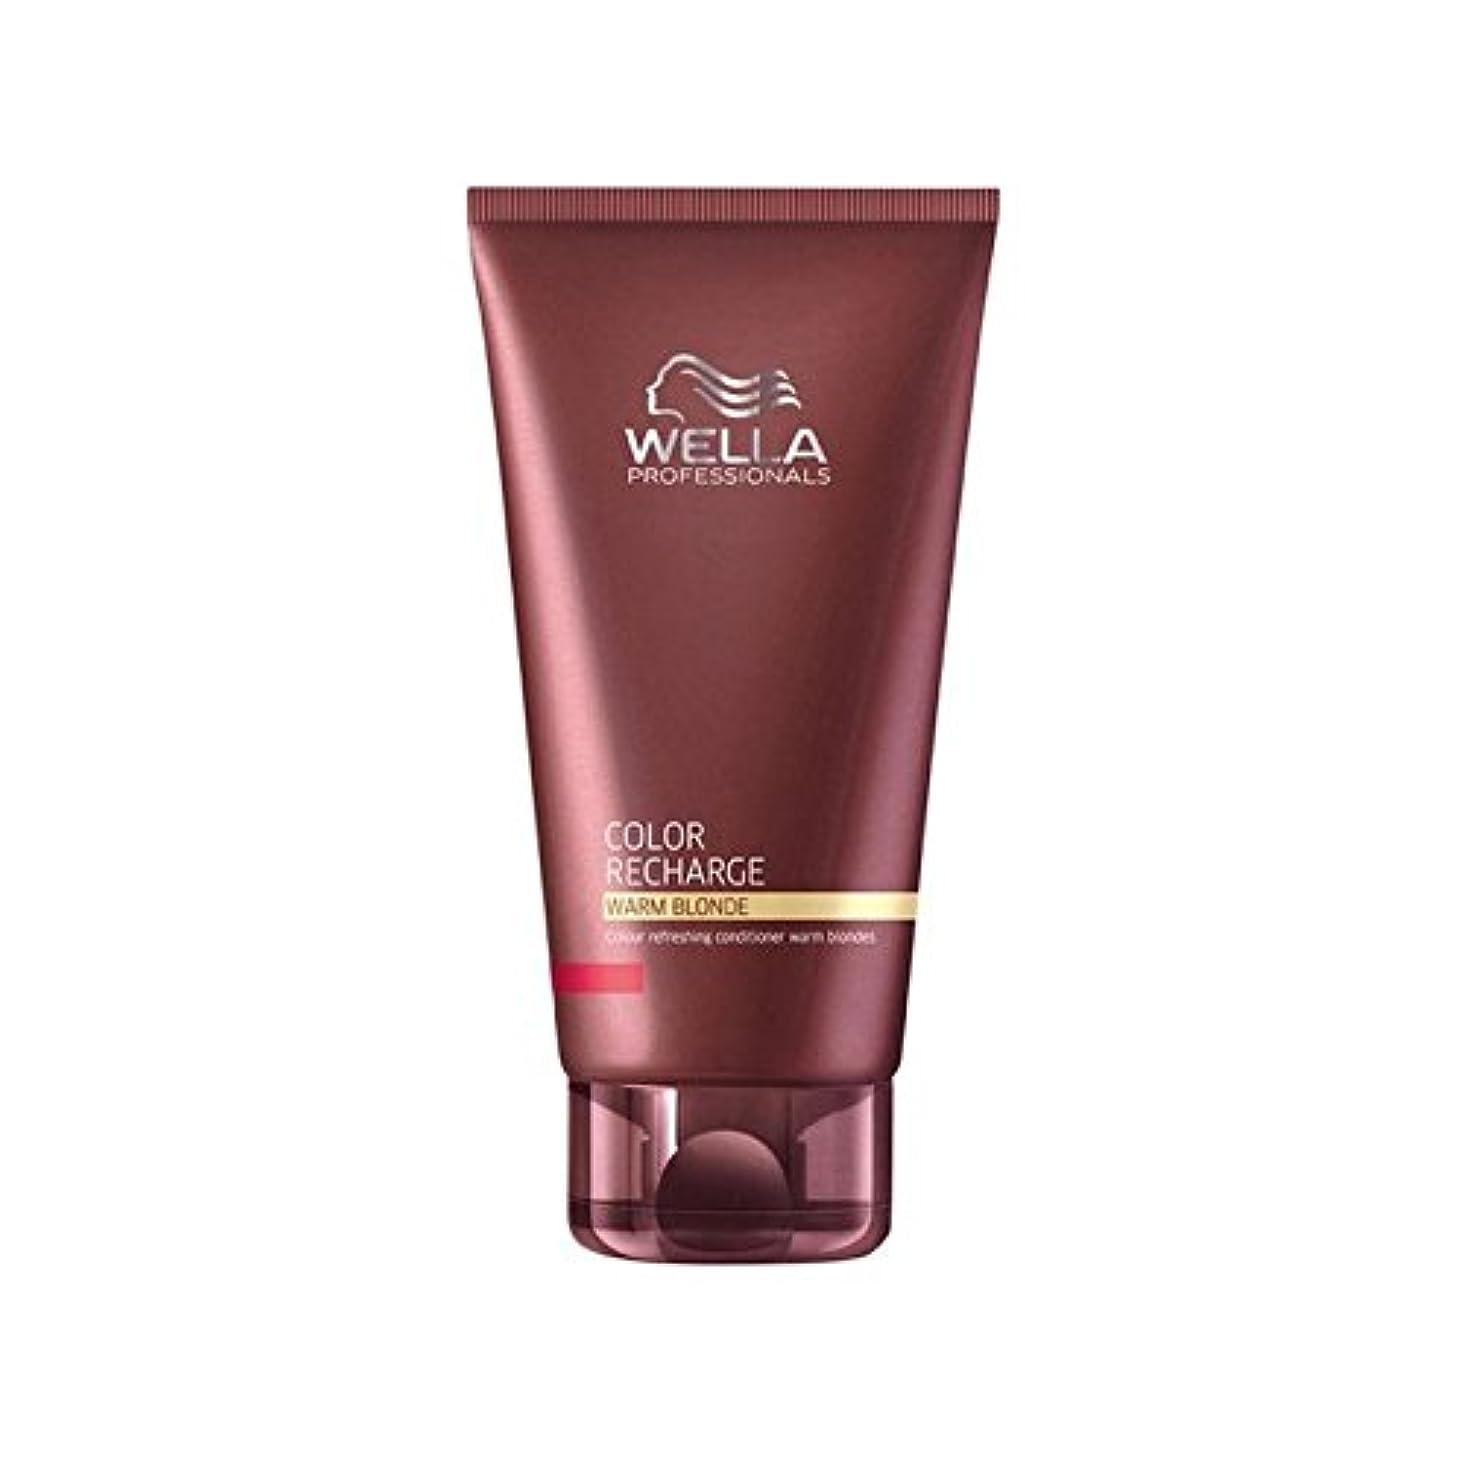 スペア爬虫類主張Wella Professionals Color Recharge Conditioner Warm Blonde (200ml) (Pack of 6) - ウエラ専門家のカラー再充電コンディショナー暖かいブロンド(...